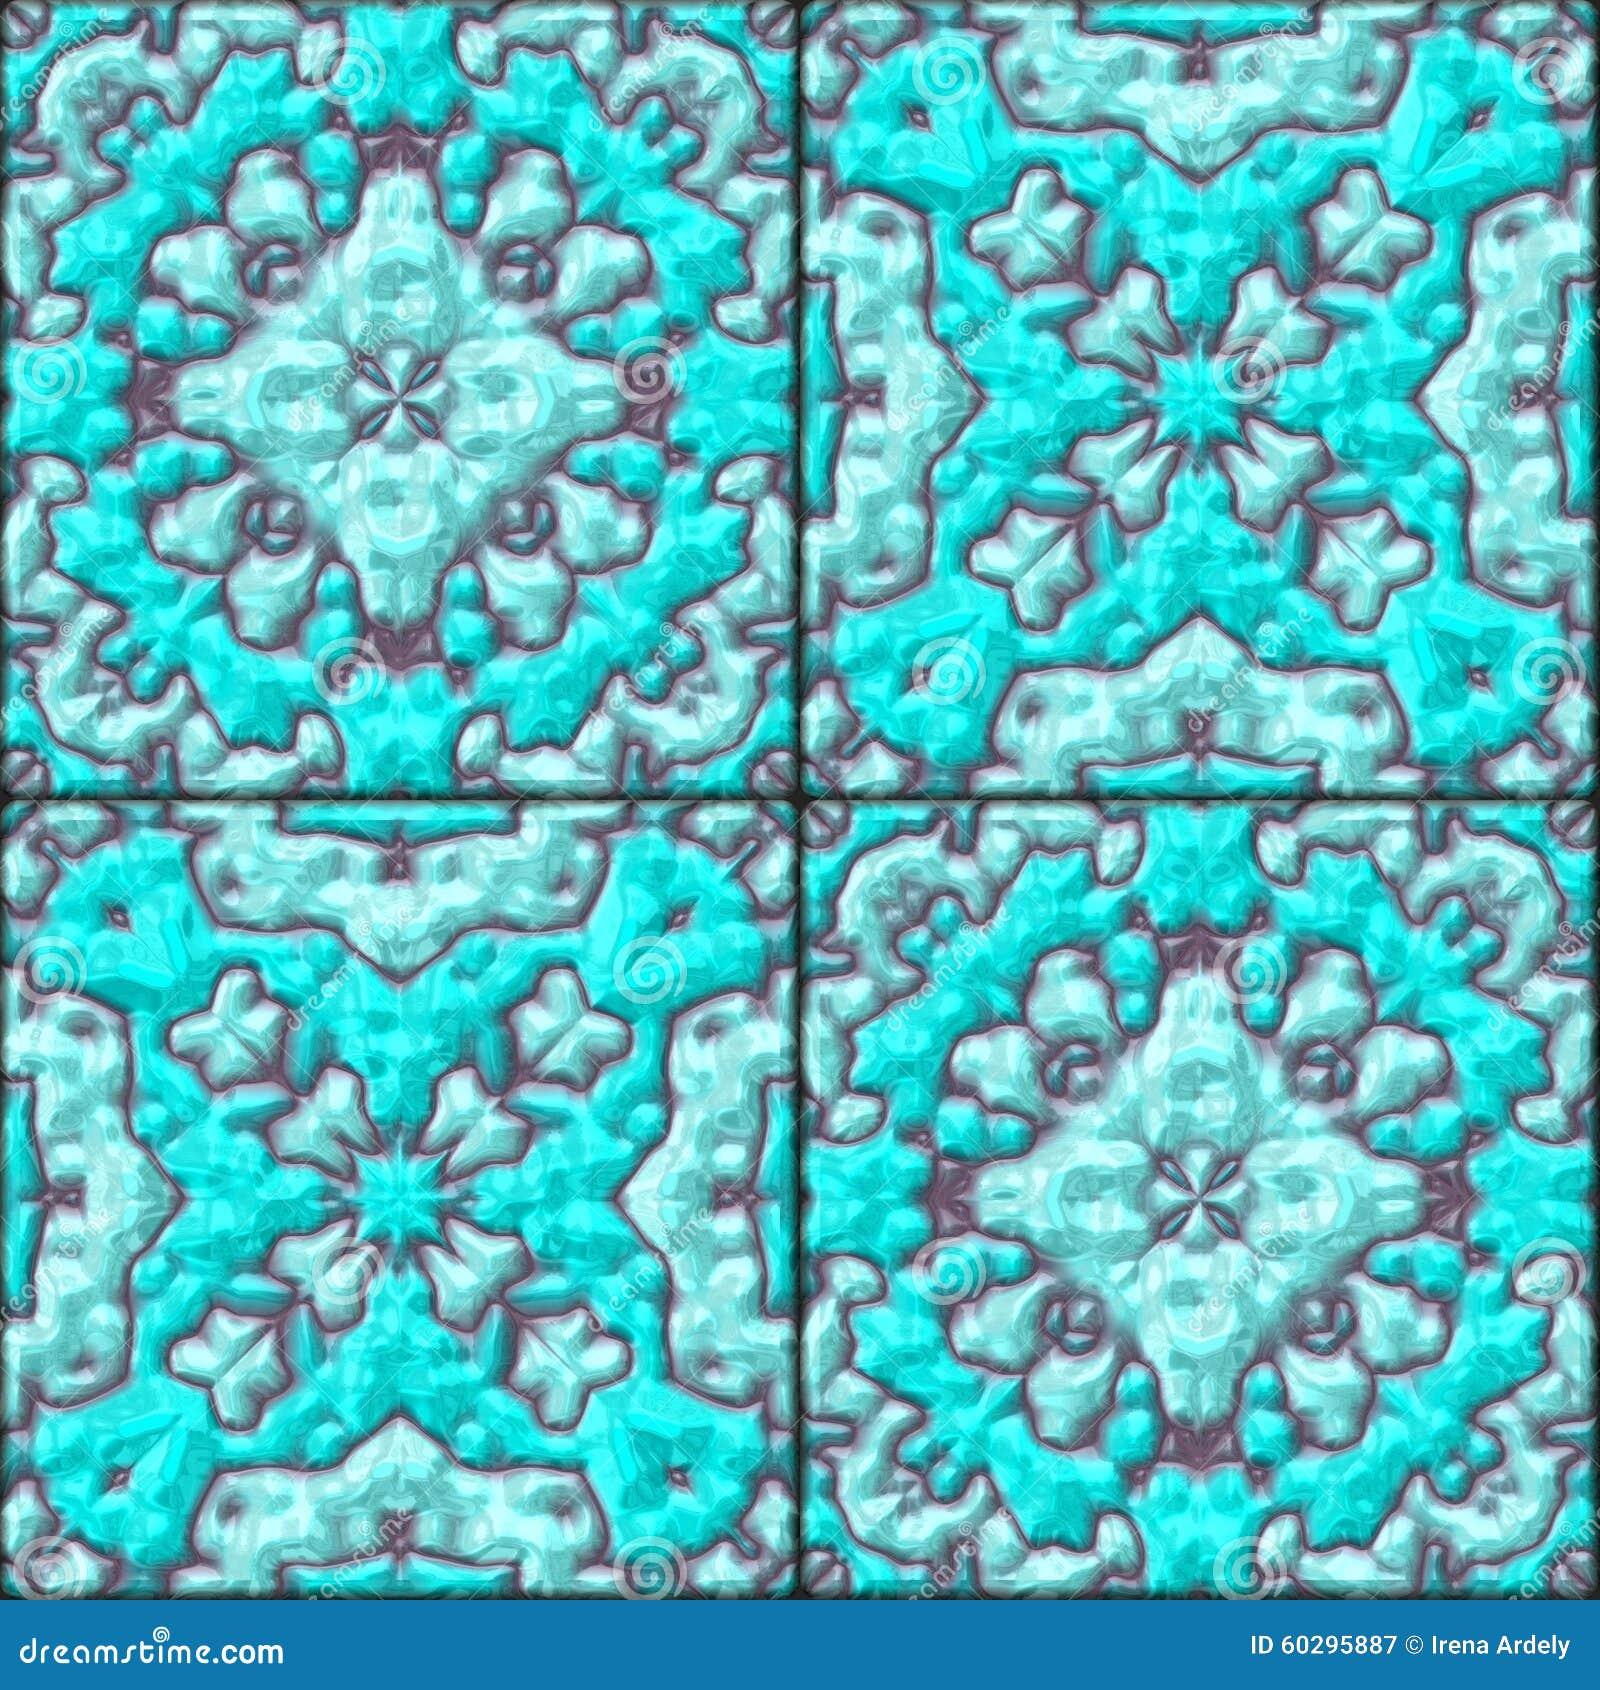 blue gemstone texture